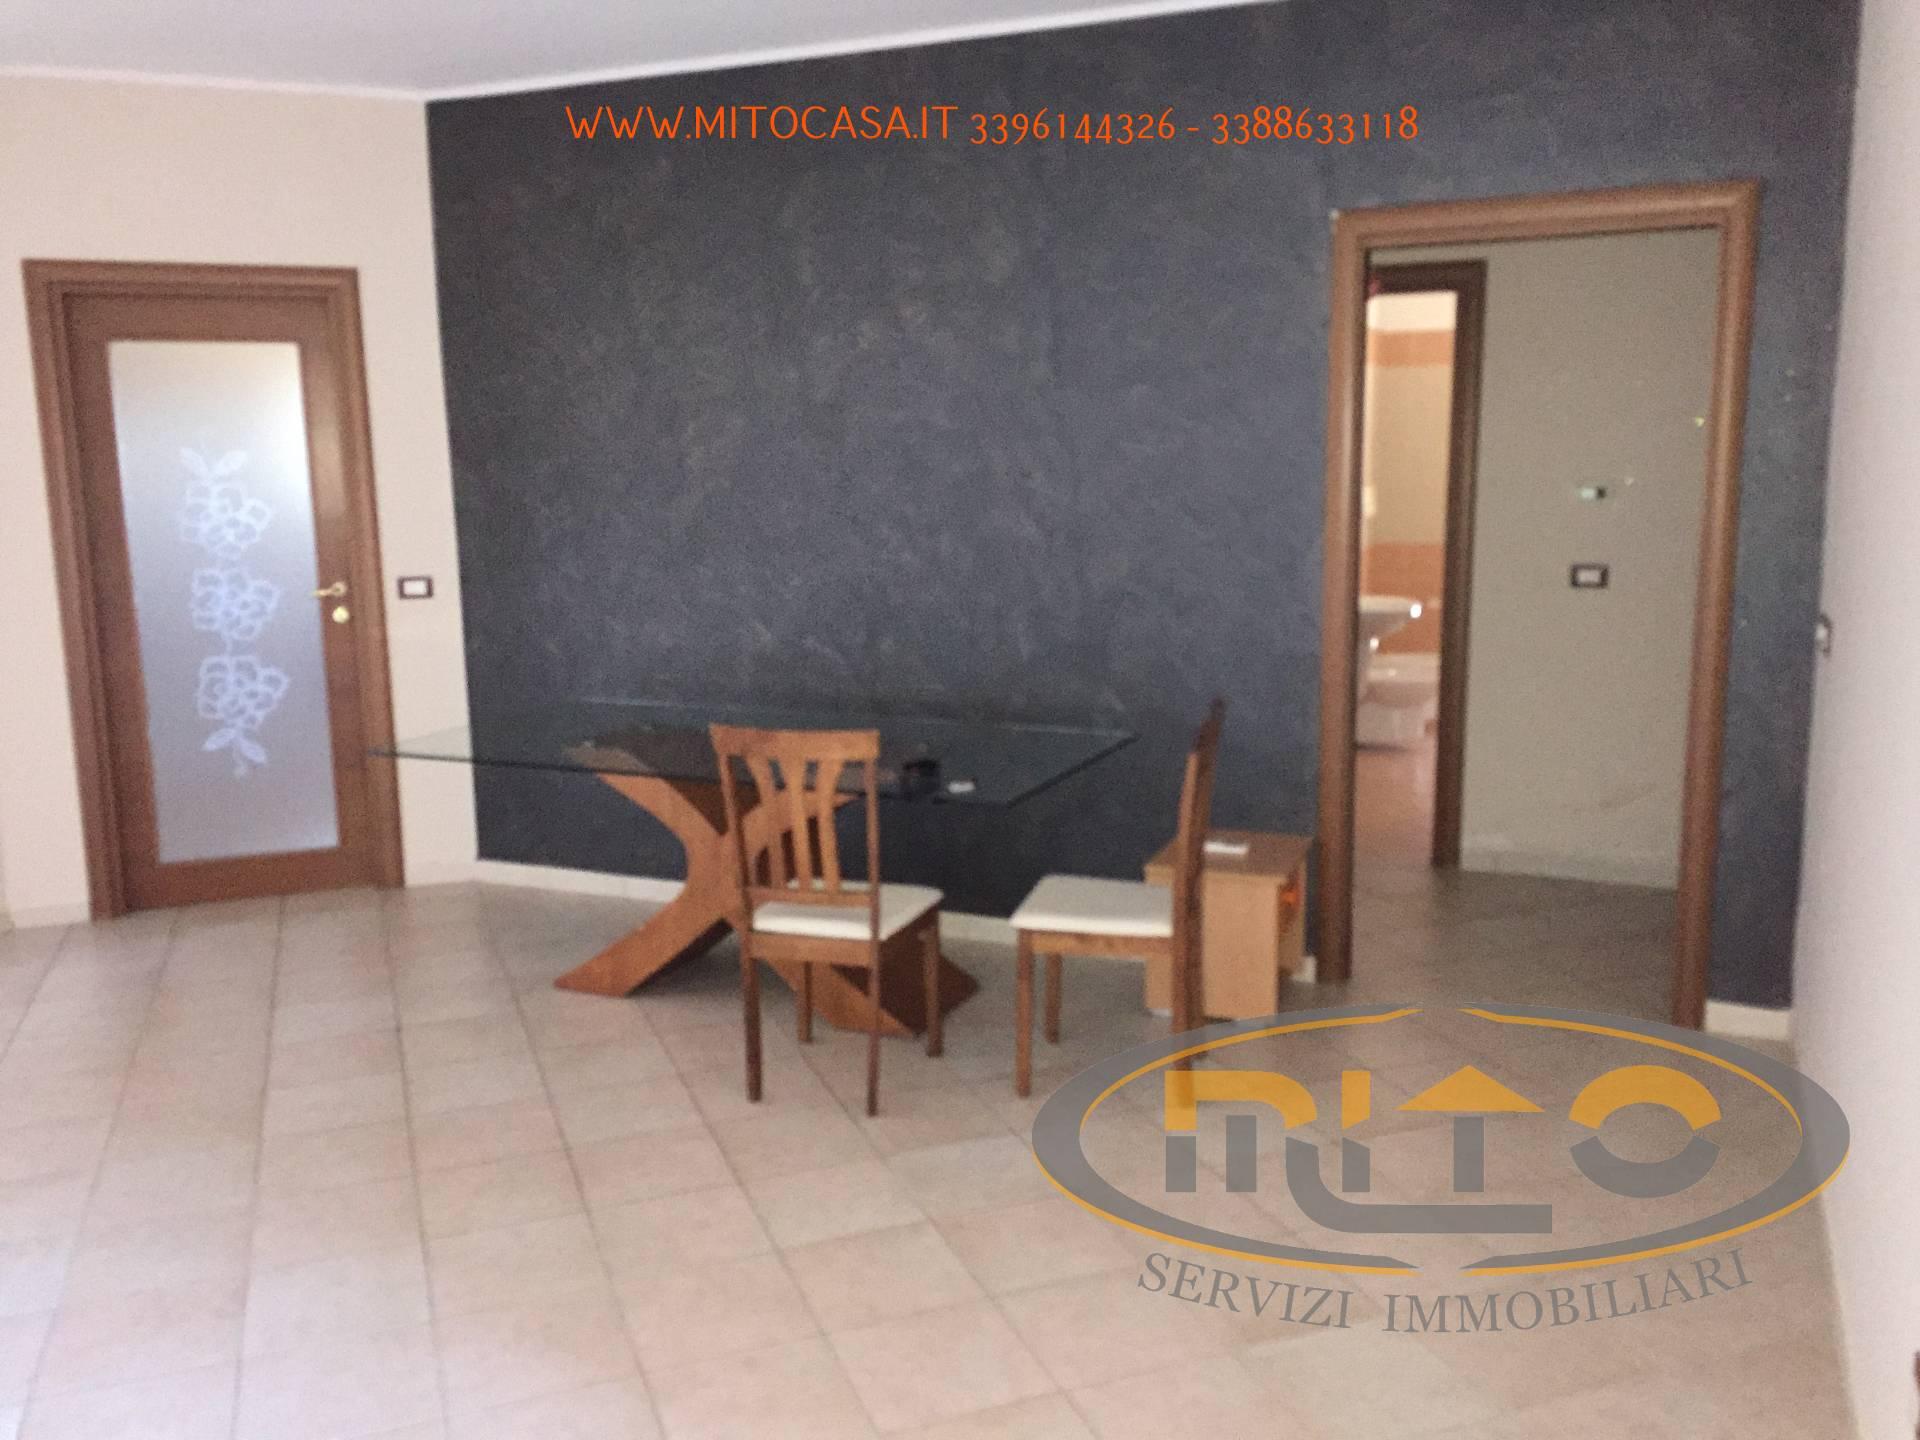 Appartamento in vendita a Telese Terme, 5 locali, prezzo € 137.000 | CambioCasa.it